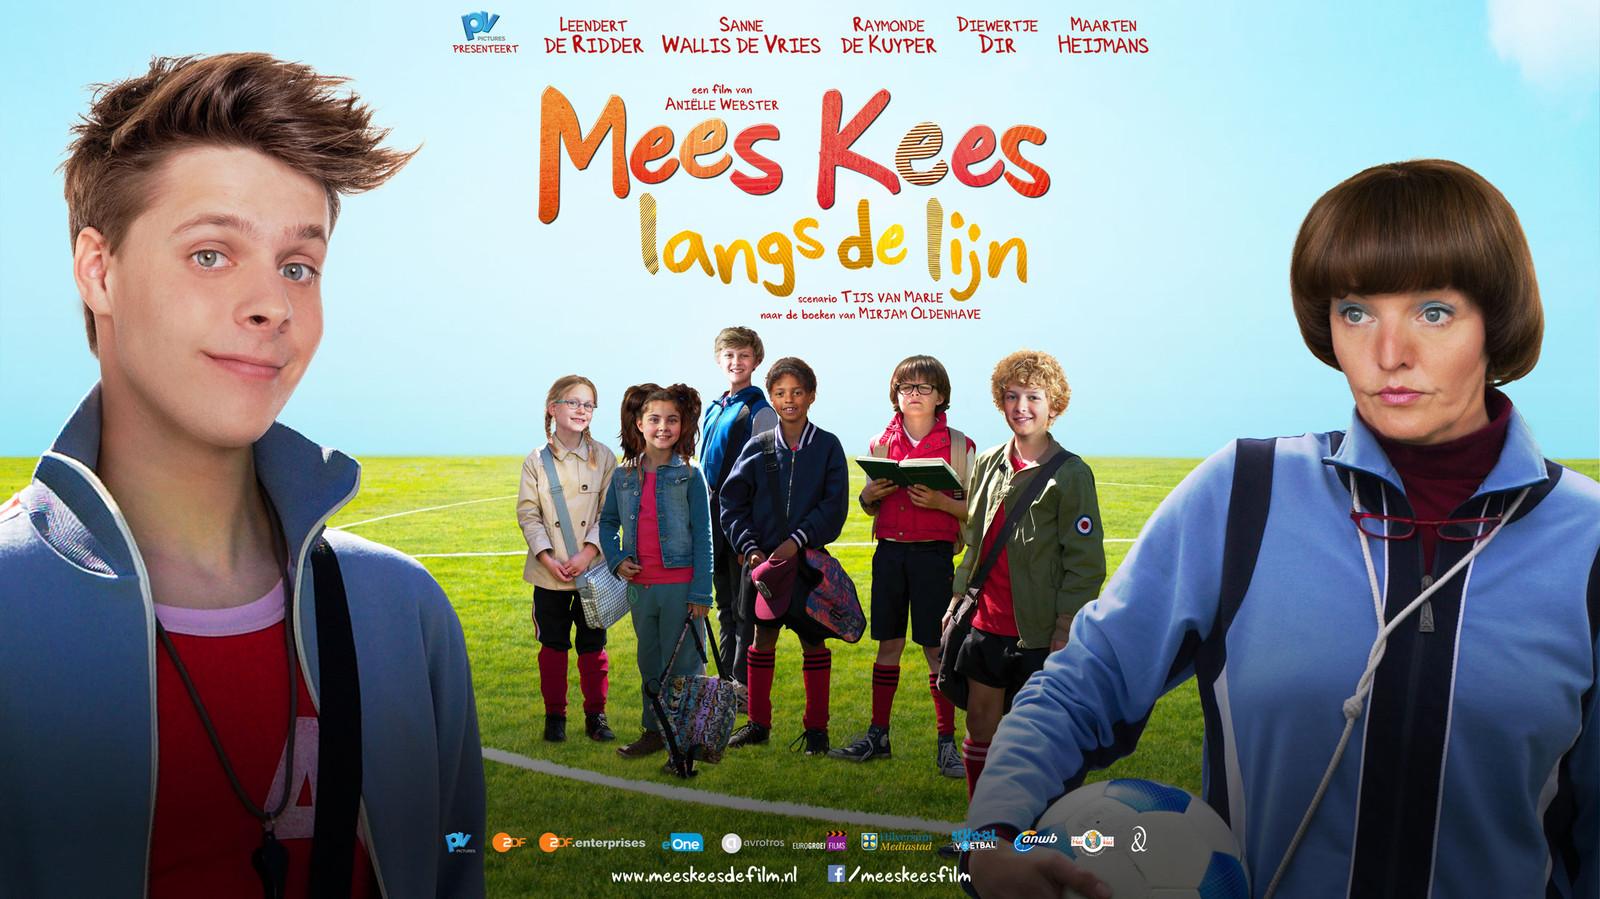 De poster van de vorige Mees Kees film met Leendert de Ridder in de hoofdrol.